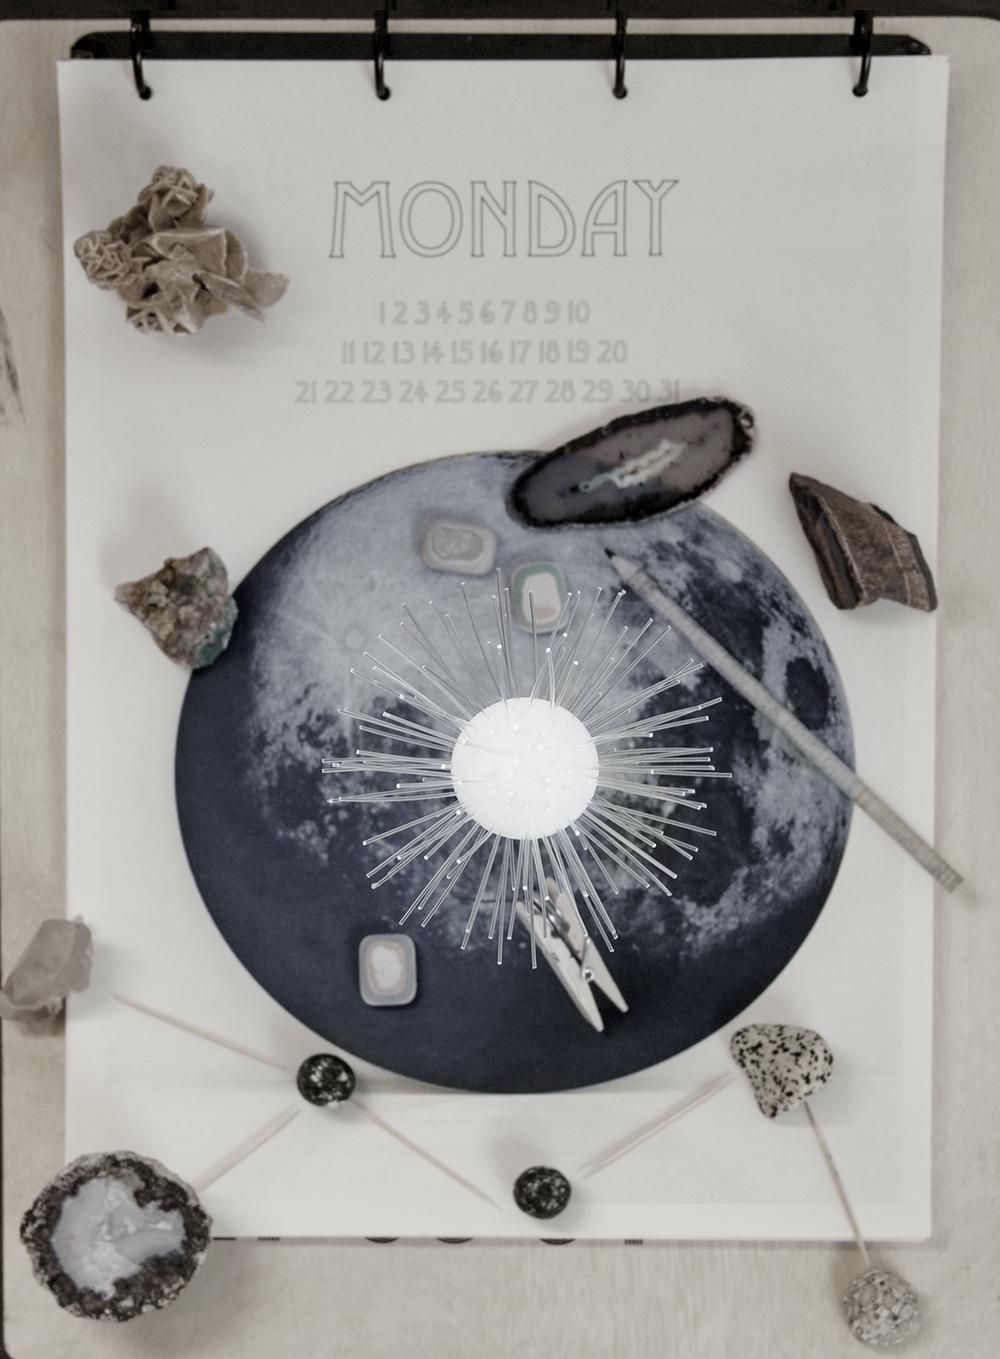 Homemade kalender van StyleCookie.nl, D.I.Y lamp met wasknijper van Lichtbloem, Edelstenen van Geomine, Gummetjes van Hay, Potlood van